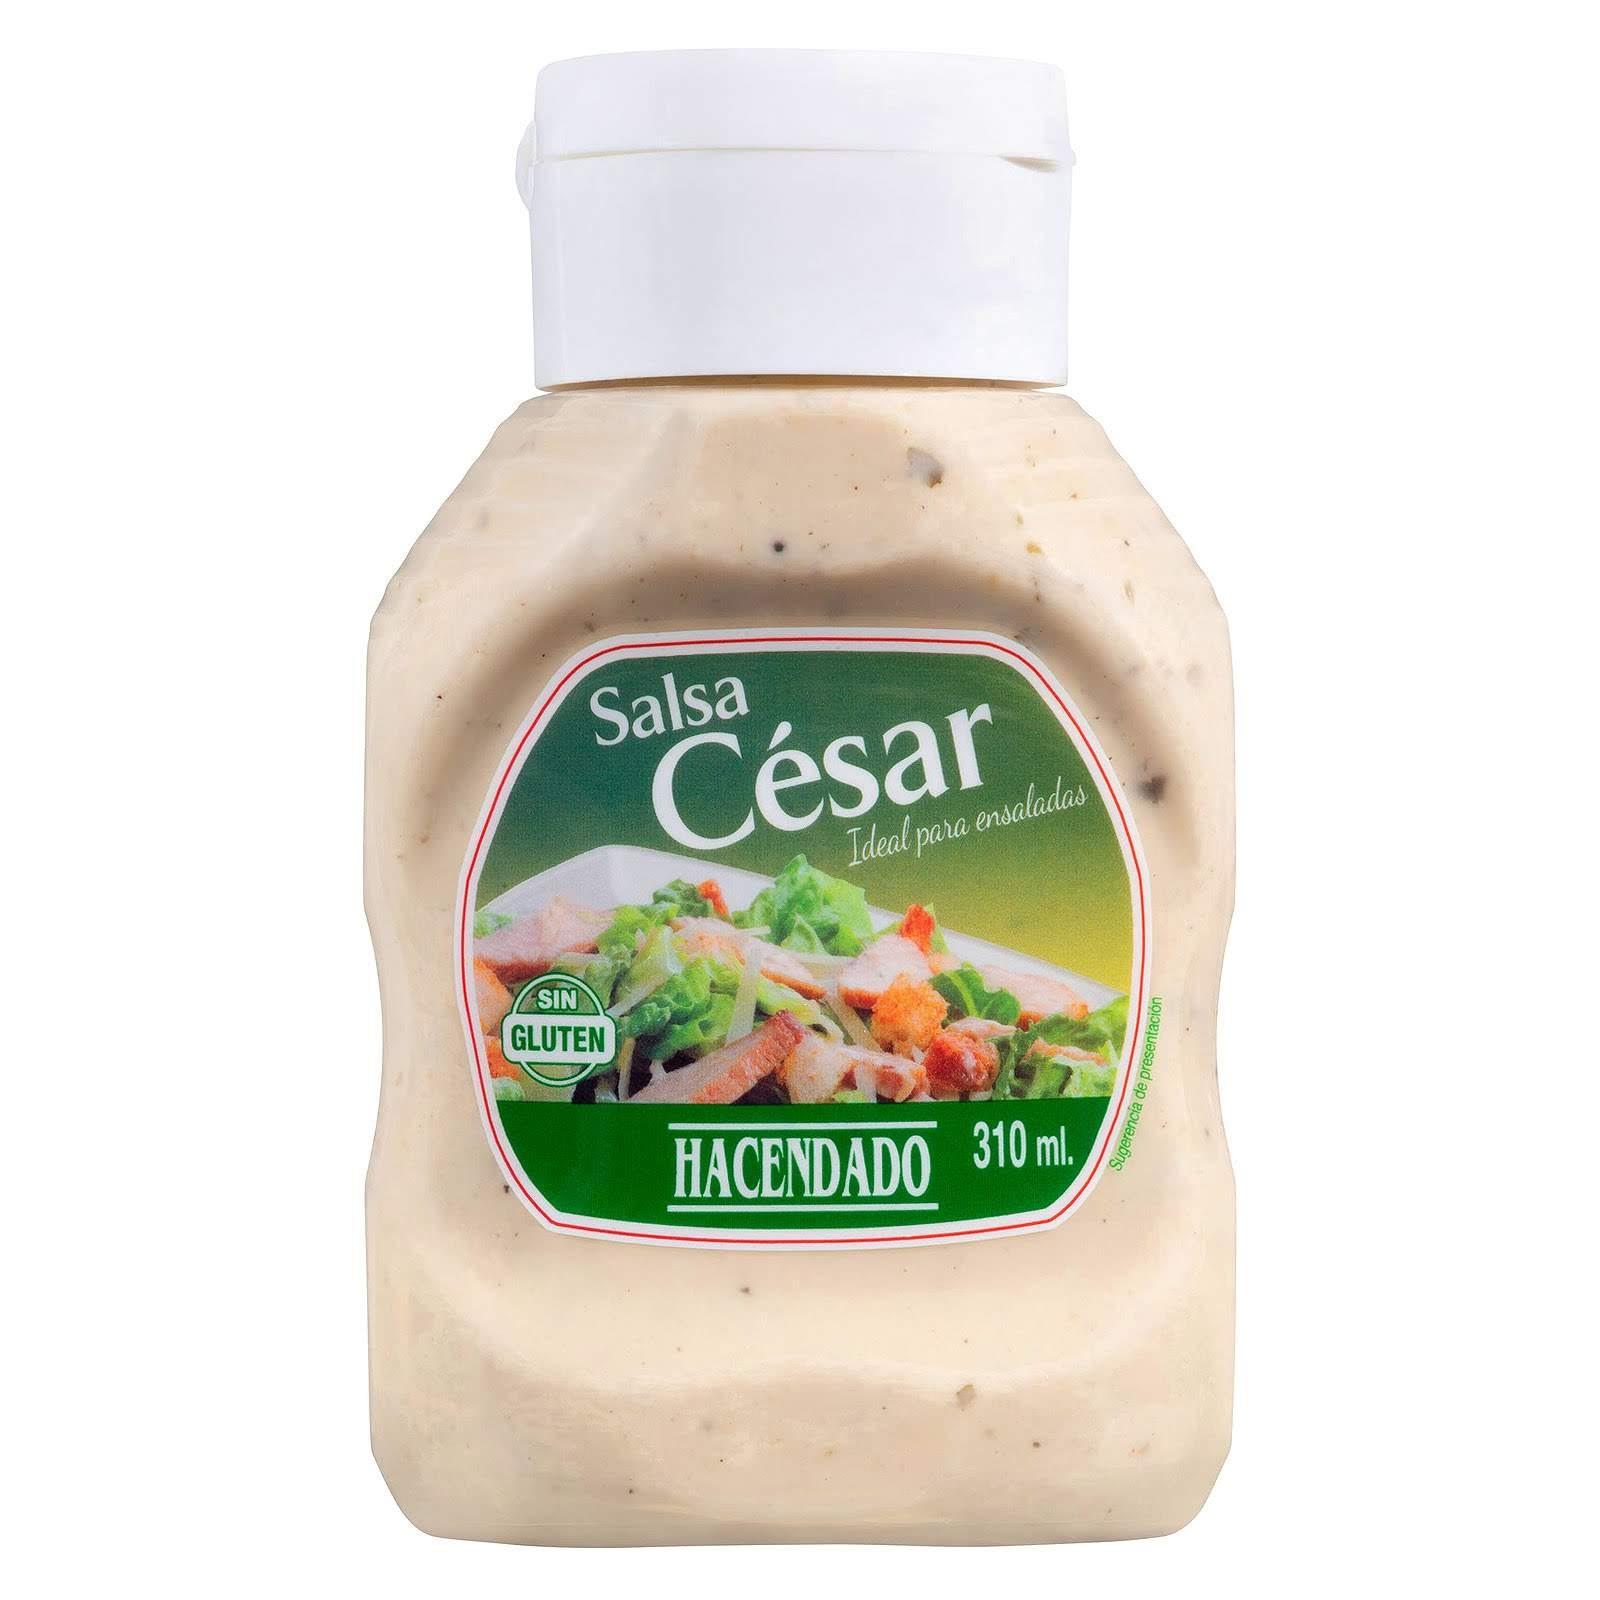 Salsa César Hacendado